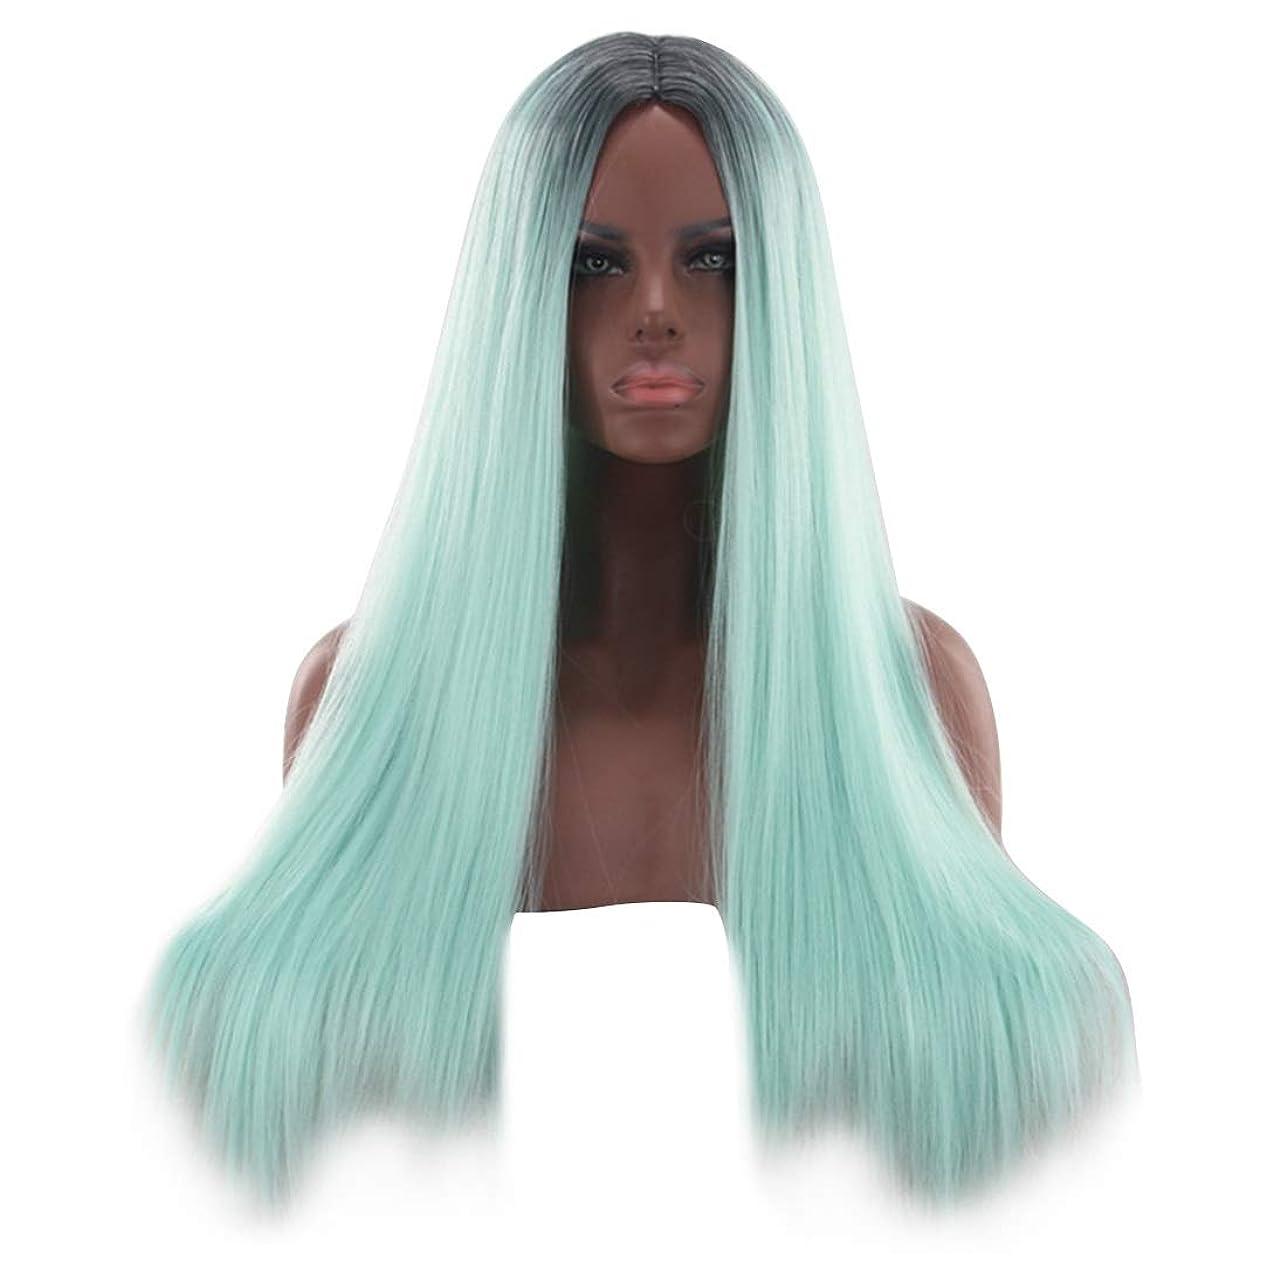 促すつまずく時刻表BOBIDYEE 26インチブロンドグリーンレースフロントウィッグ前髪ロングストレートウィッグ女性用合成かつらウィッグ女性用かつら耐熱ファイバーファッションウィッグ